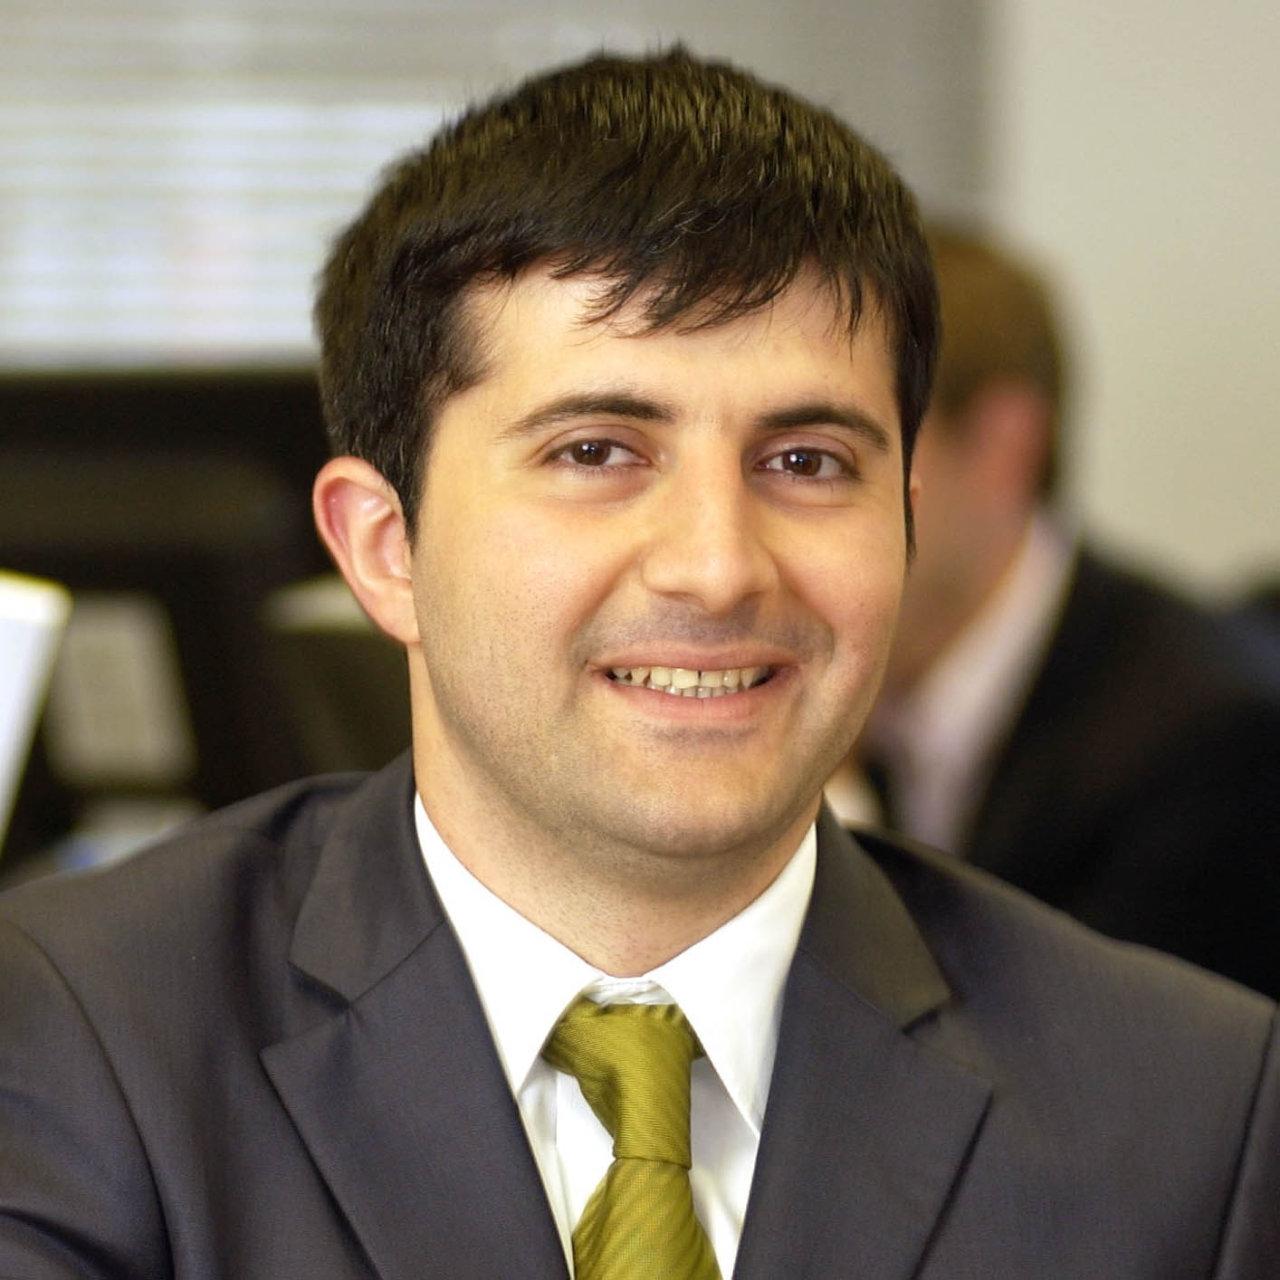 Кадровые изменения в МГ ОБСЕ не дестабилизируют переговоры по Карабаху - эксперт